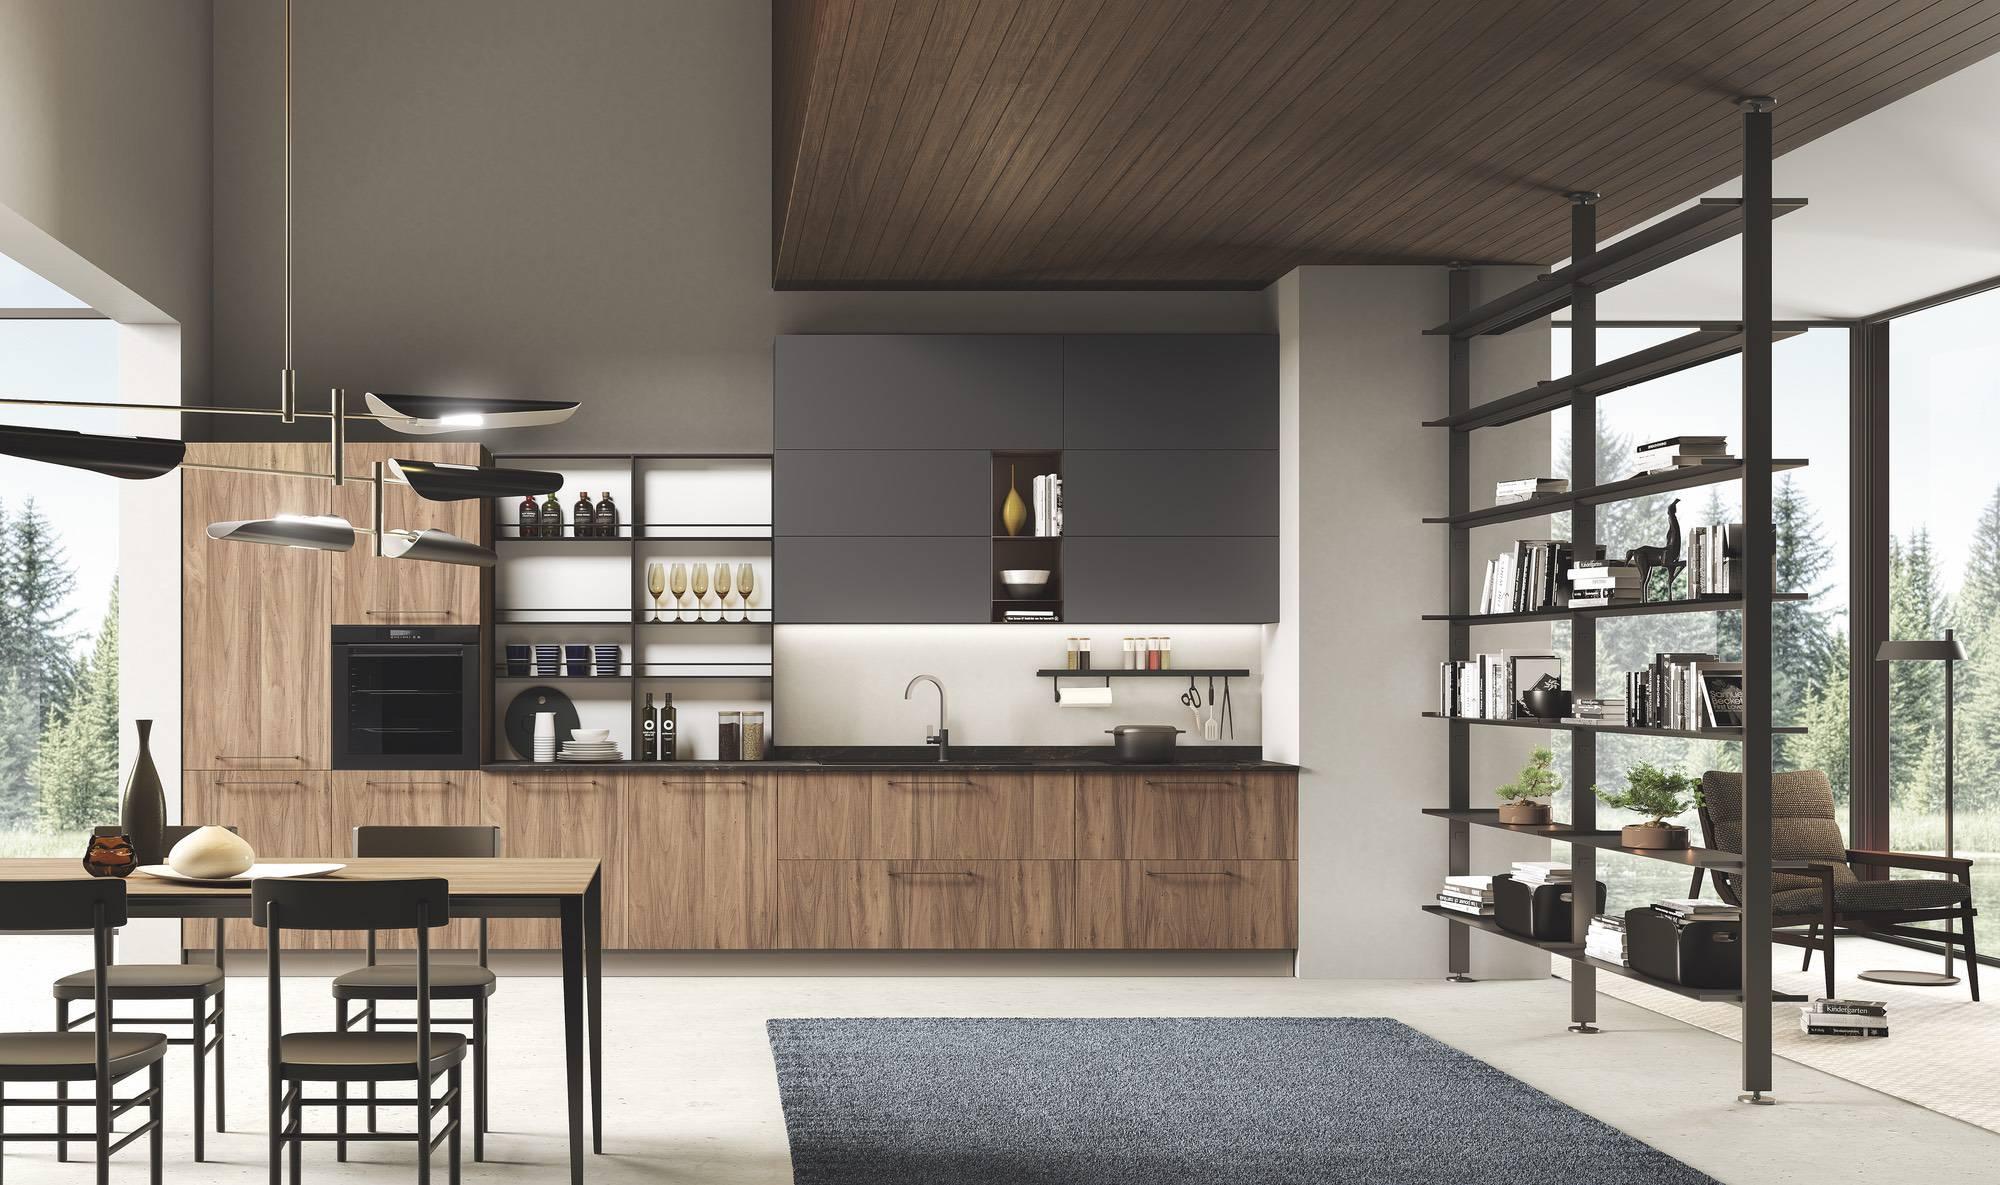 MOBILTURI Pop Modern Kitchen Range